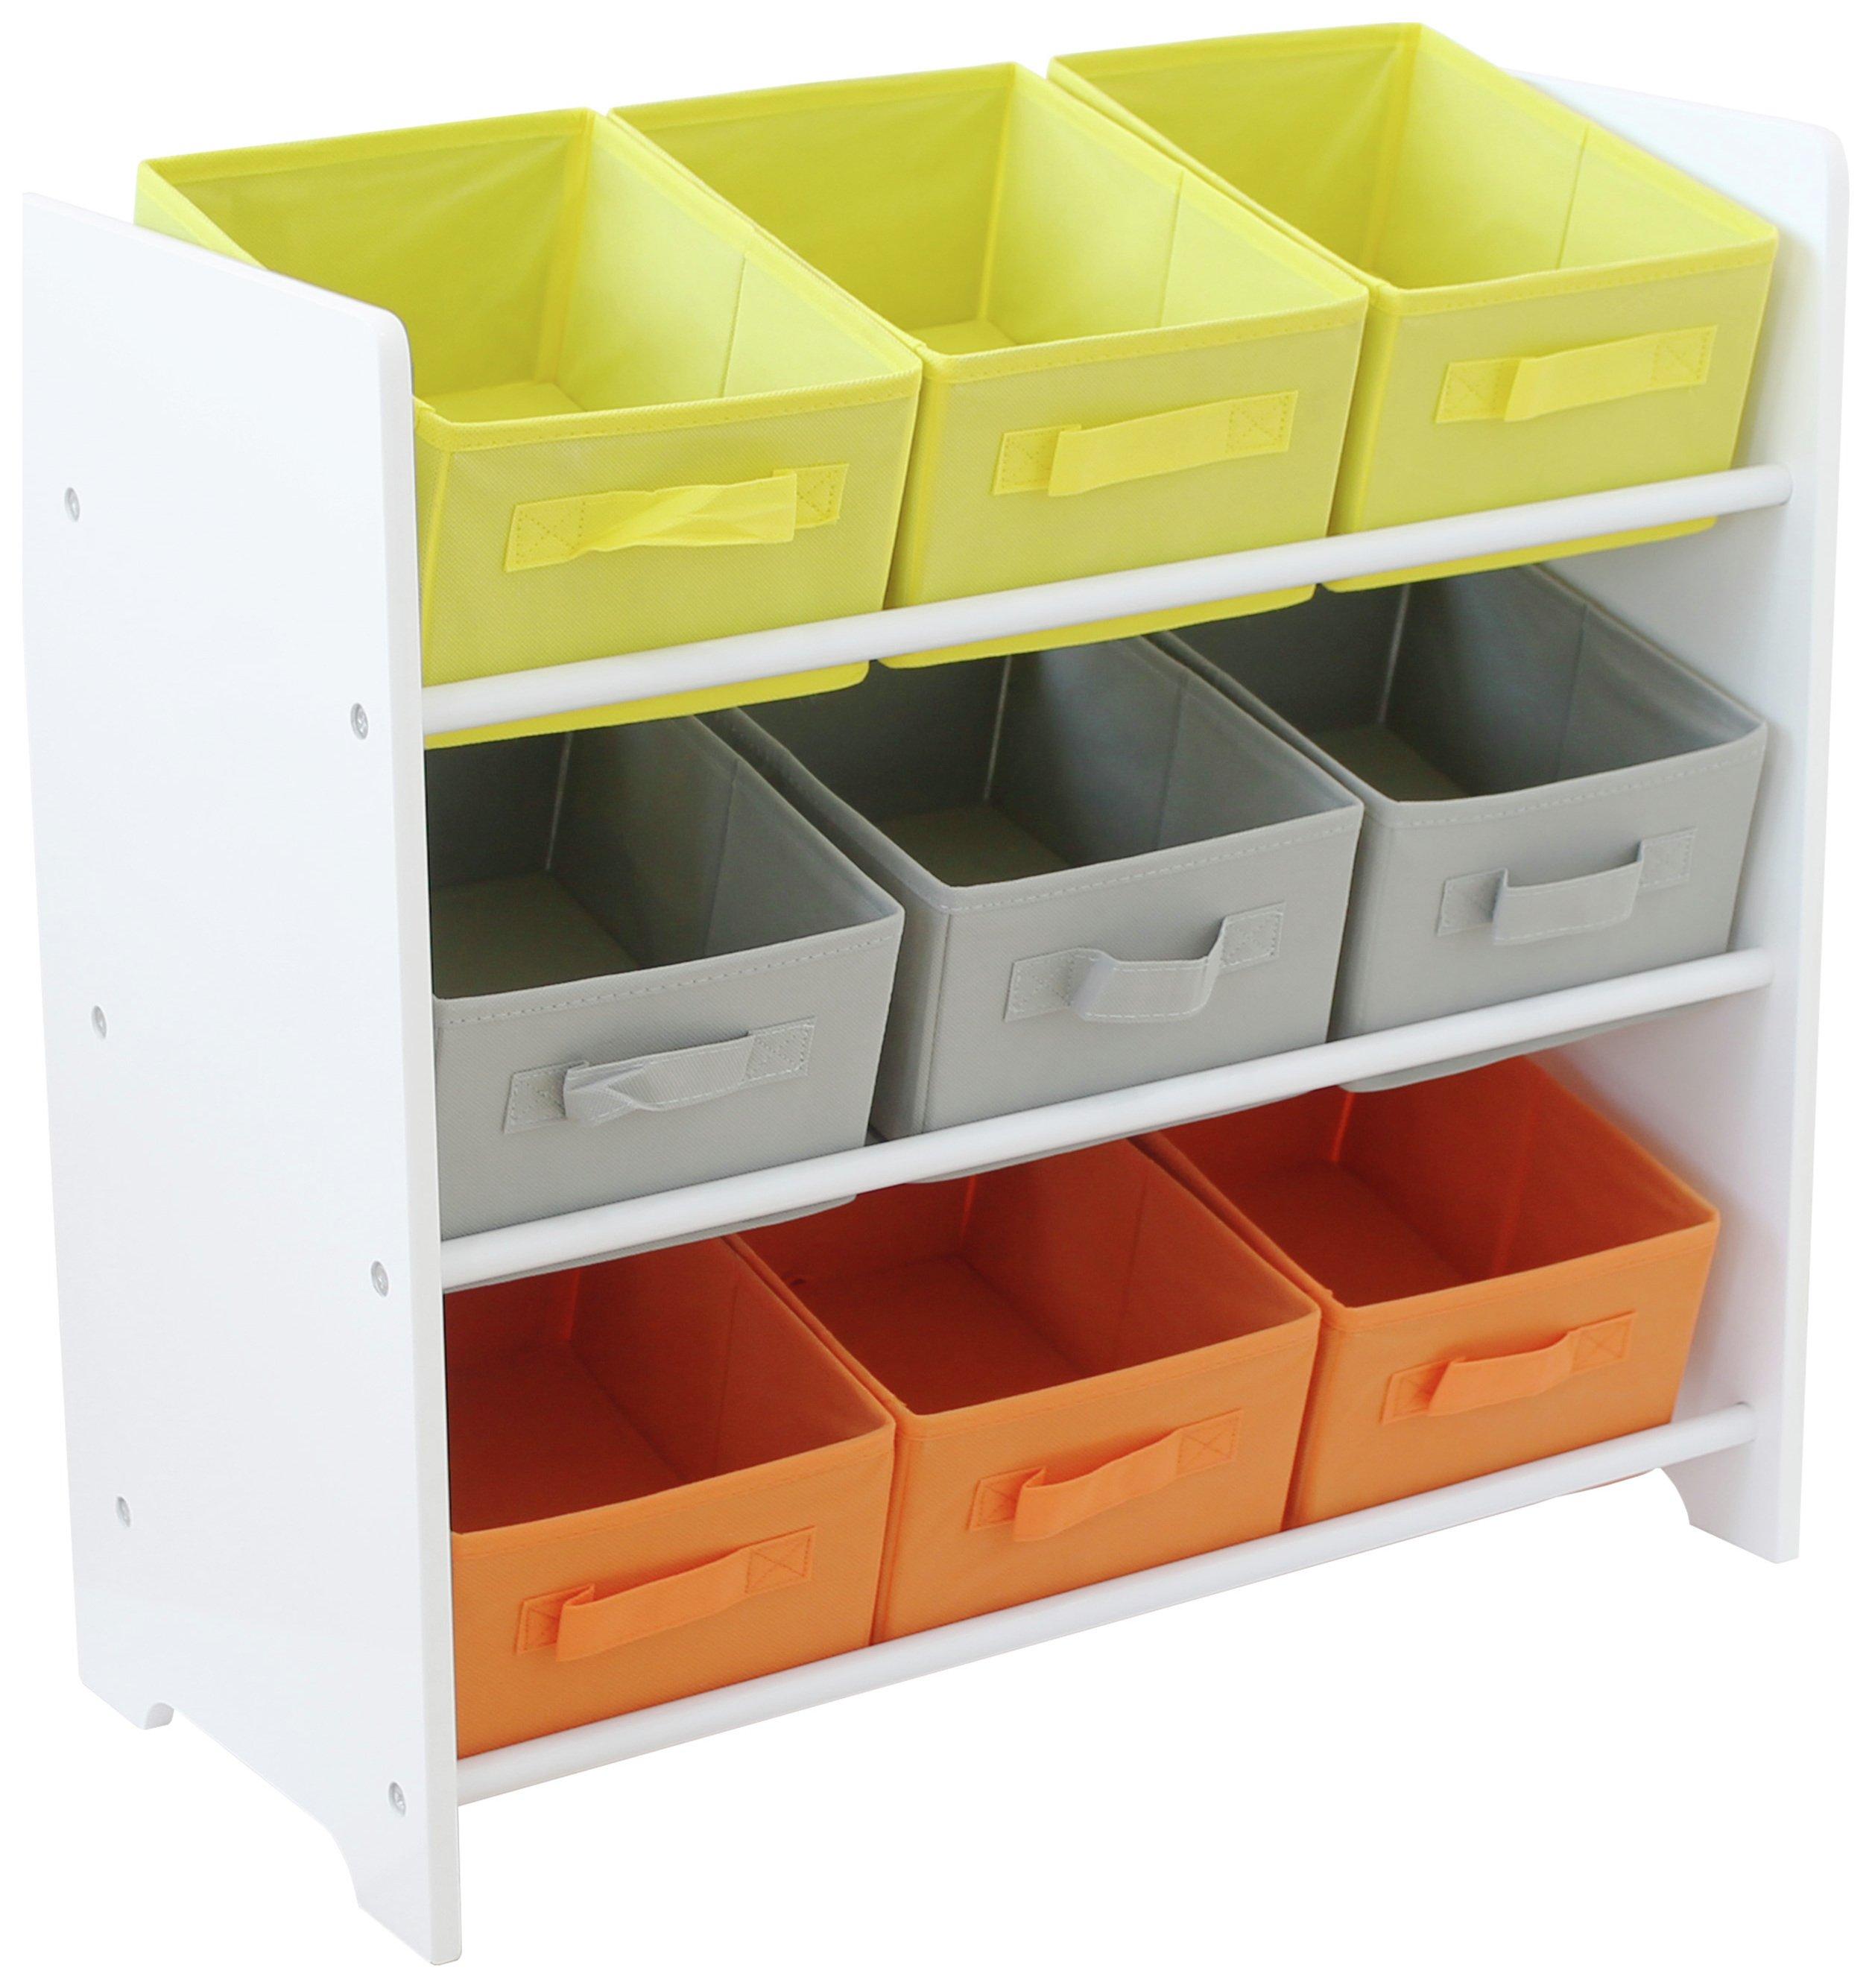 Argos Home 3 Tier Childrens Basket Storage Unit  sc 1 st  Argos & Results for kids storage